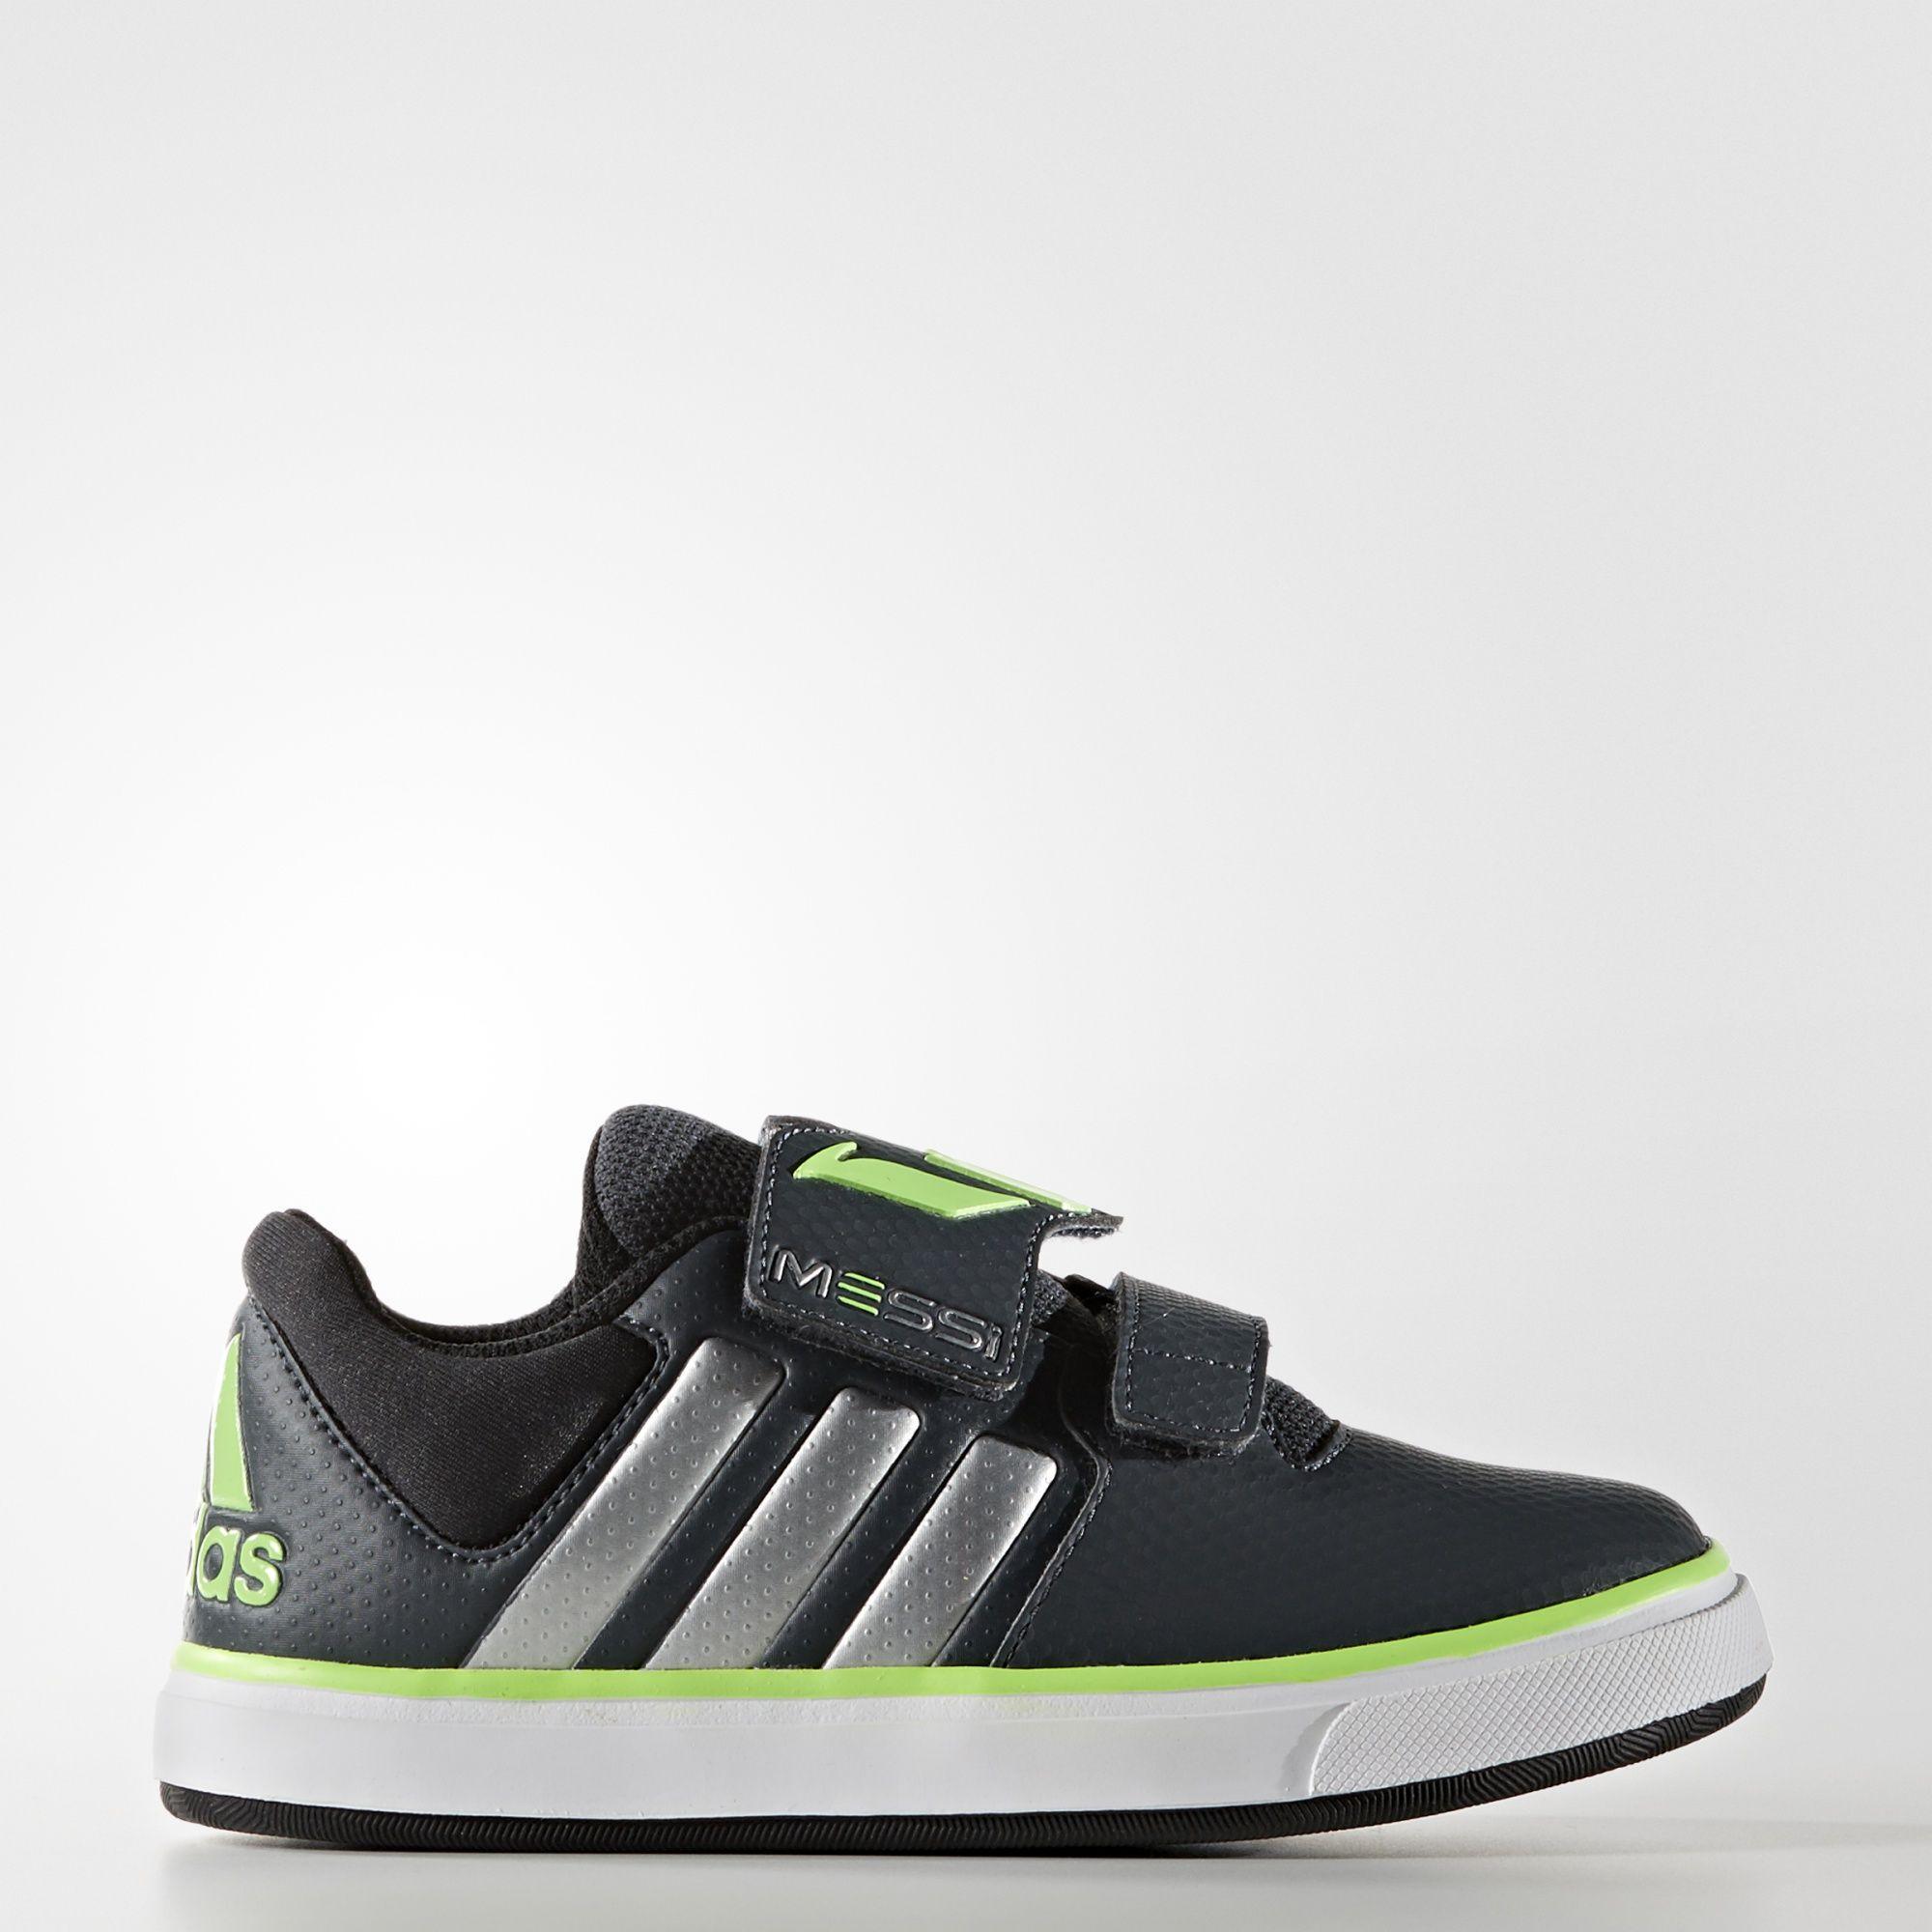 Kinder Messi Schuh